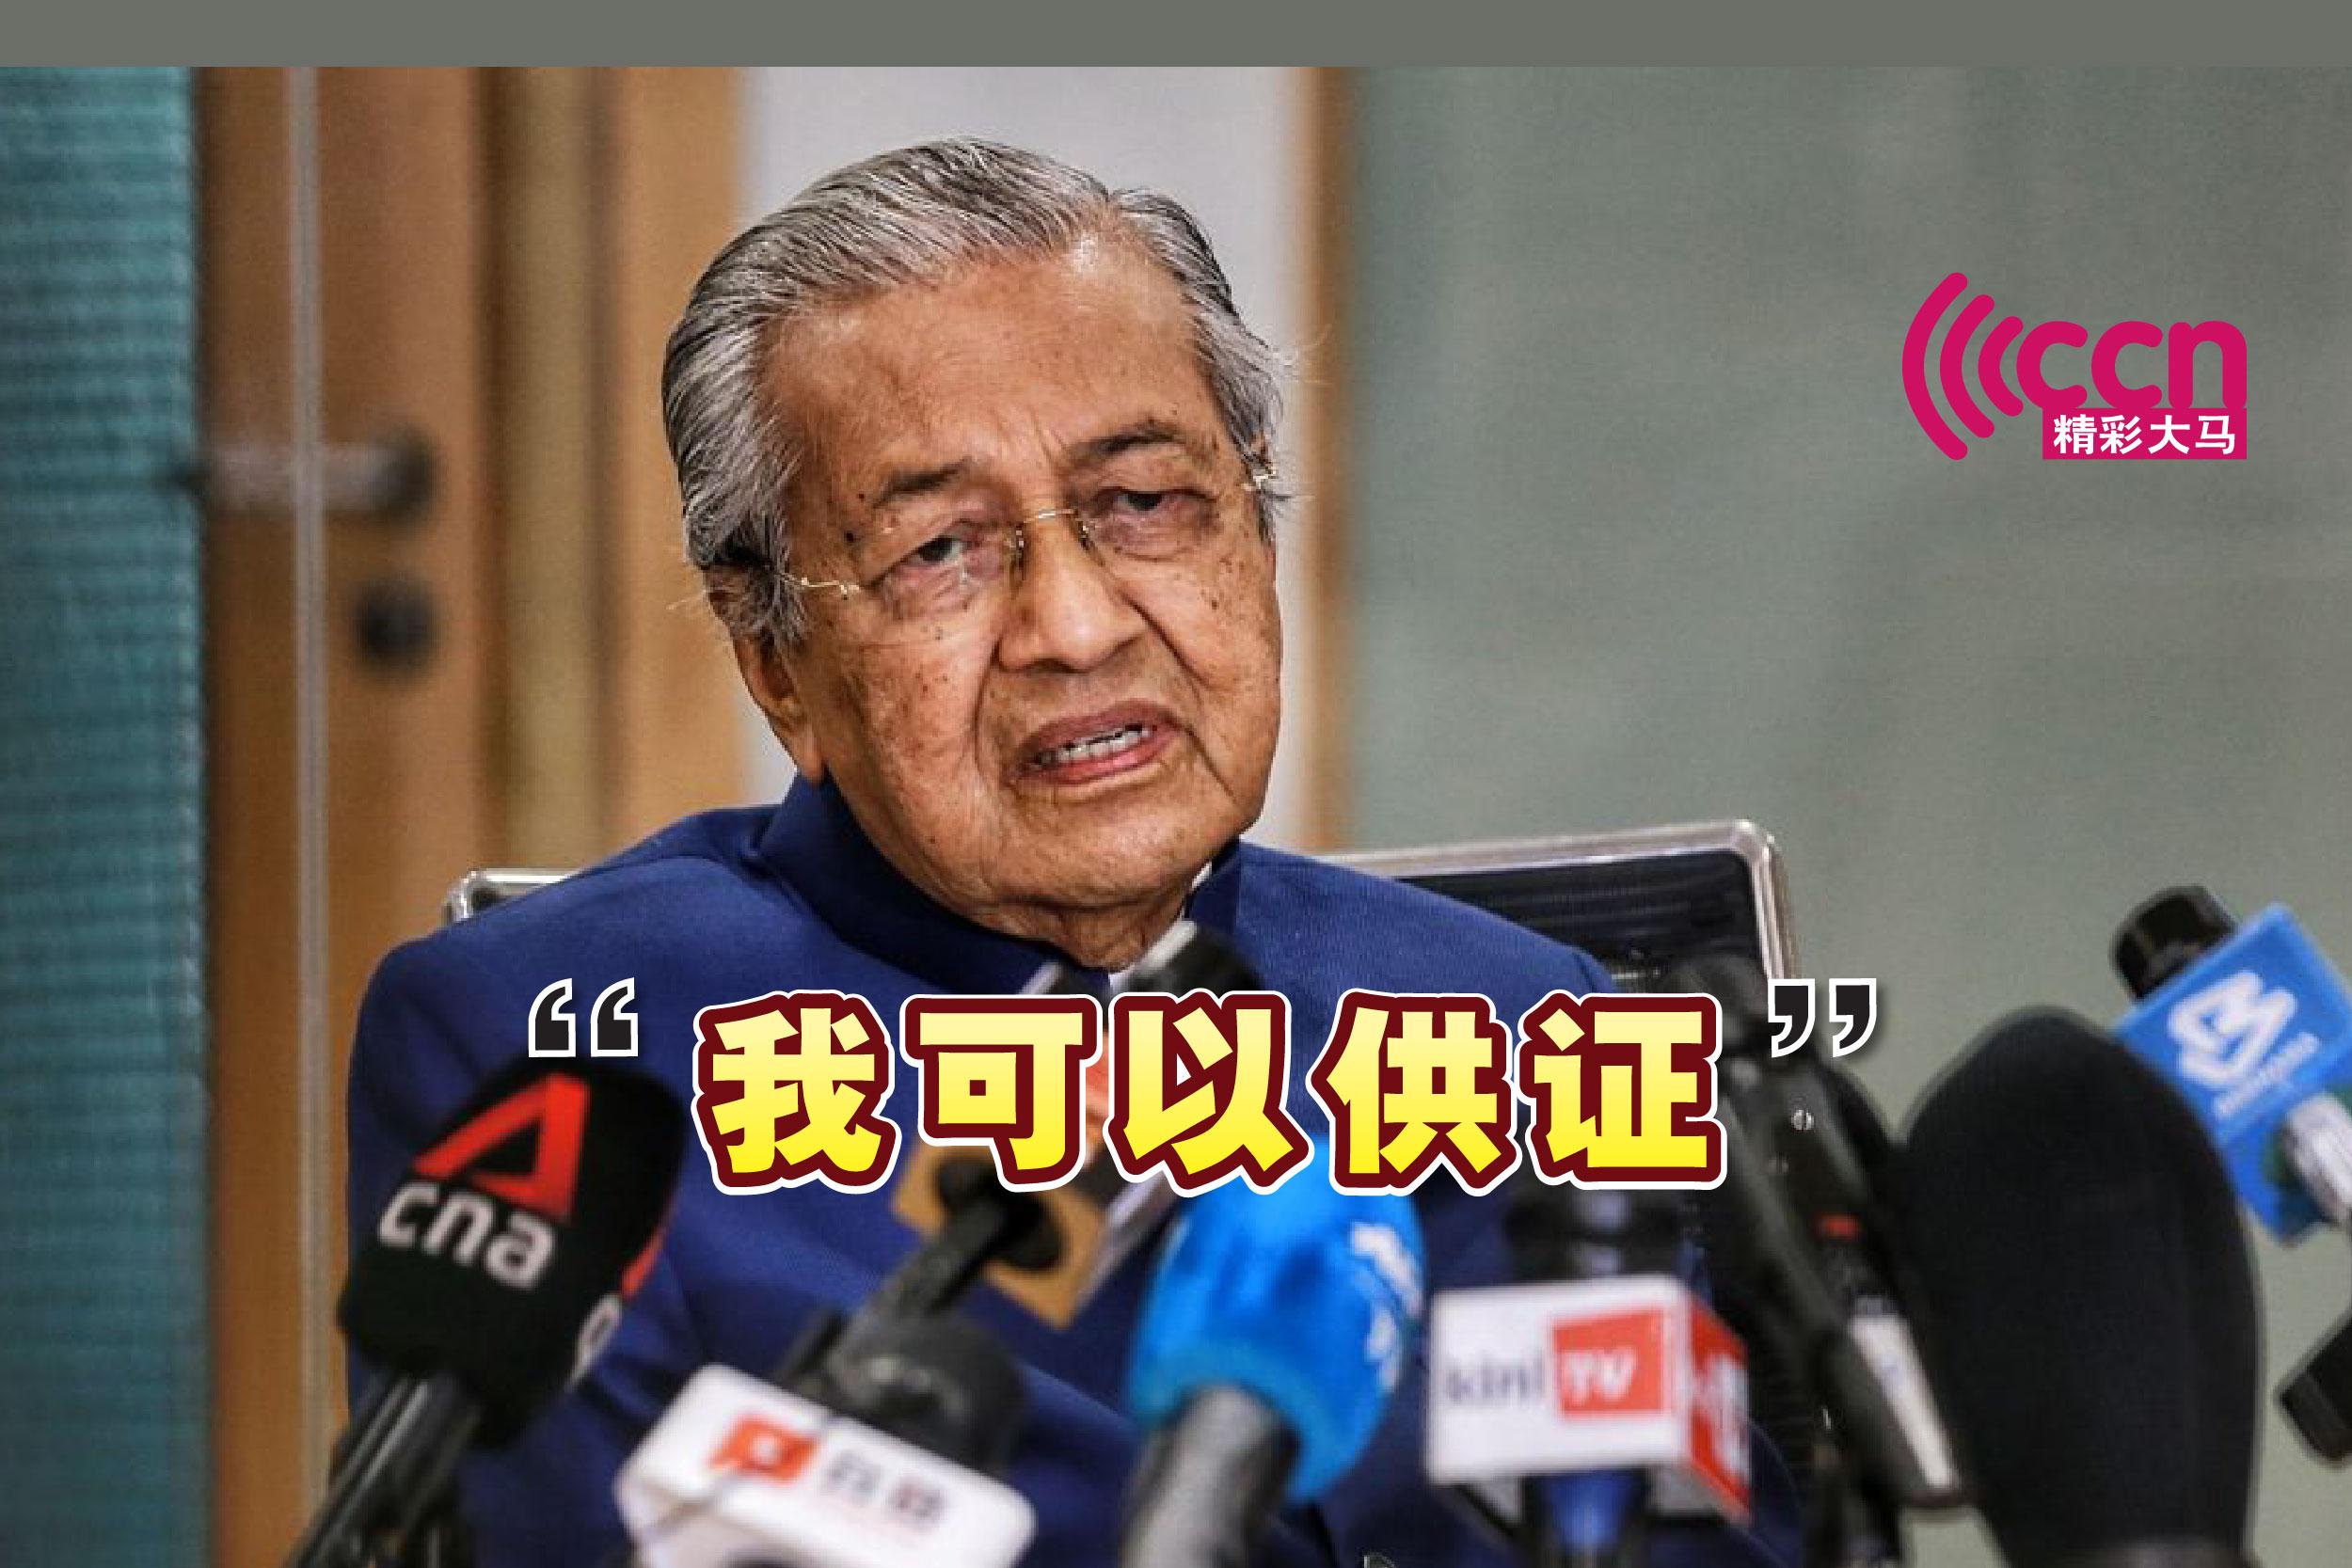 马哈迪表示,若有需要,他可成为鹅唛区选民告阿兹敏庭案的证人。-精彩大马制图-